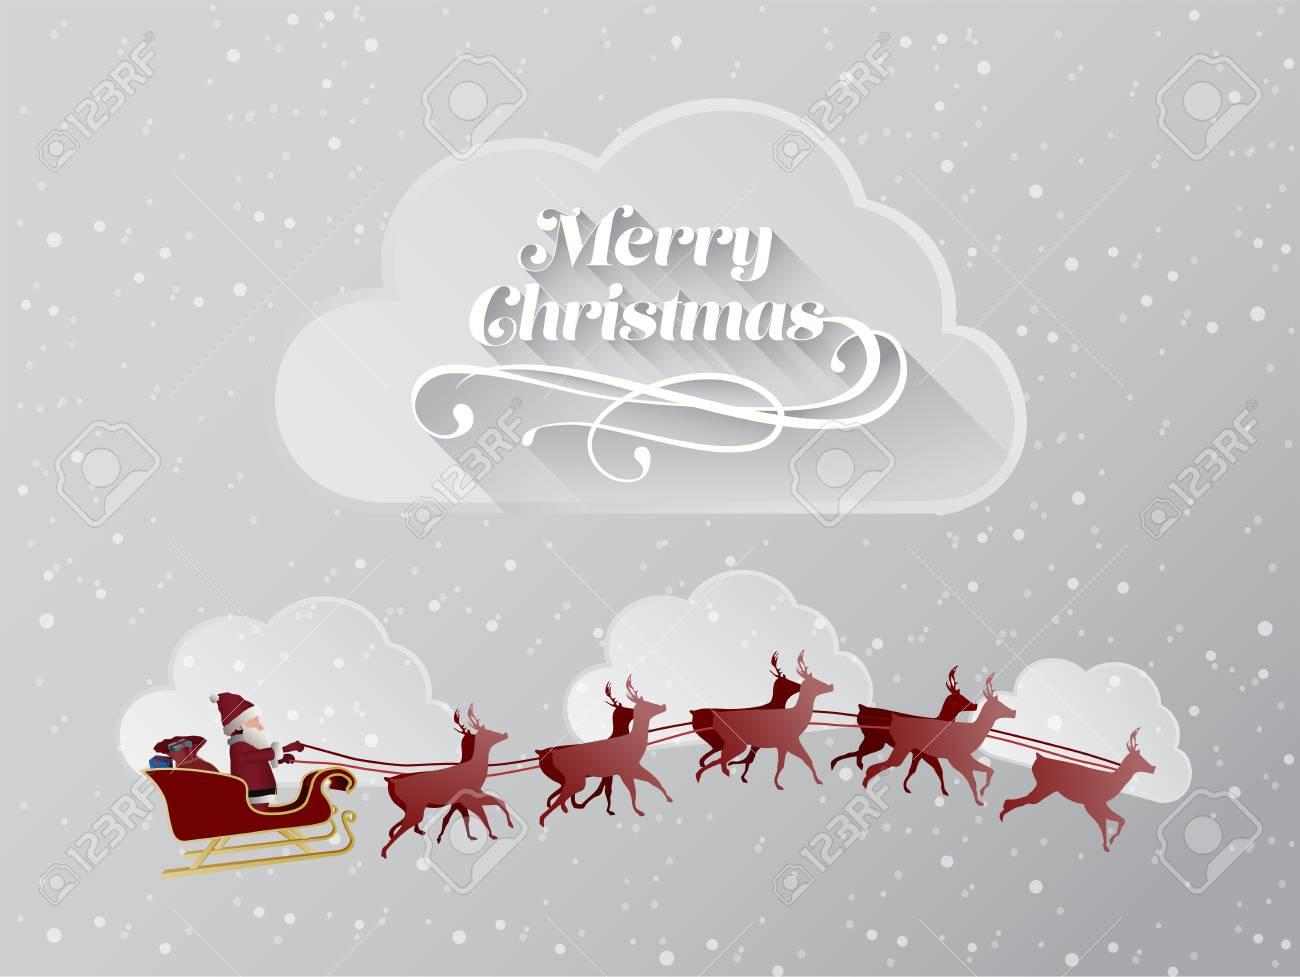 Digital Generiert Weihnachten Begrüßung Mit Fliegenden Weihnachts ...